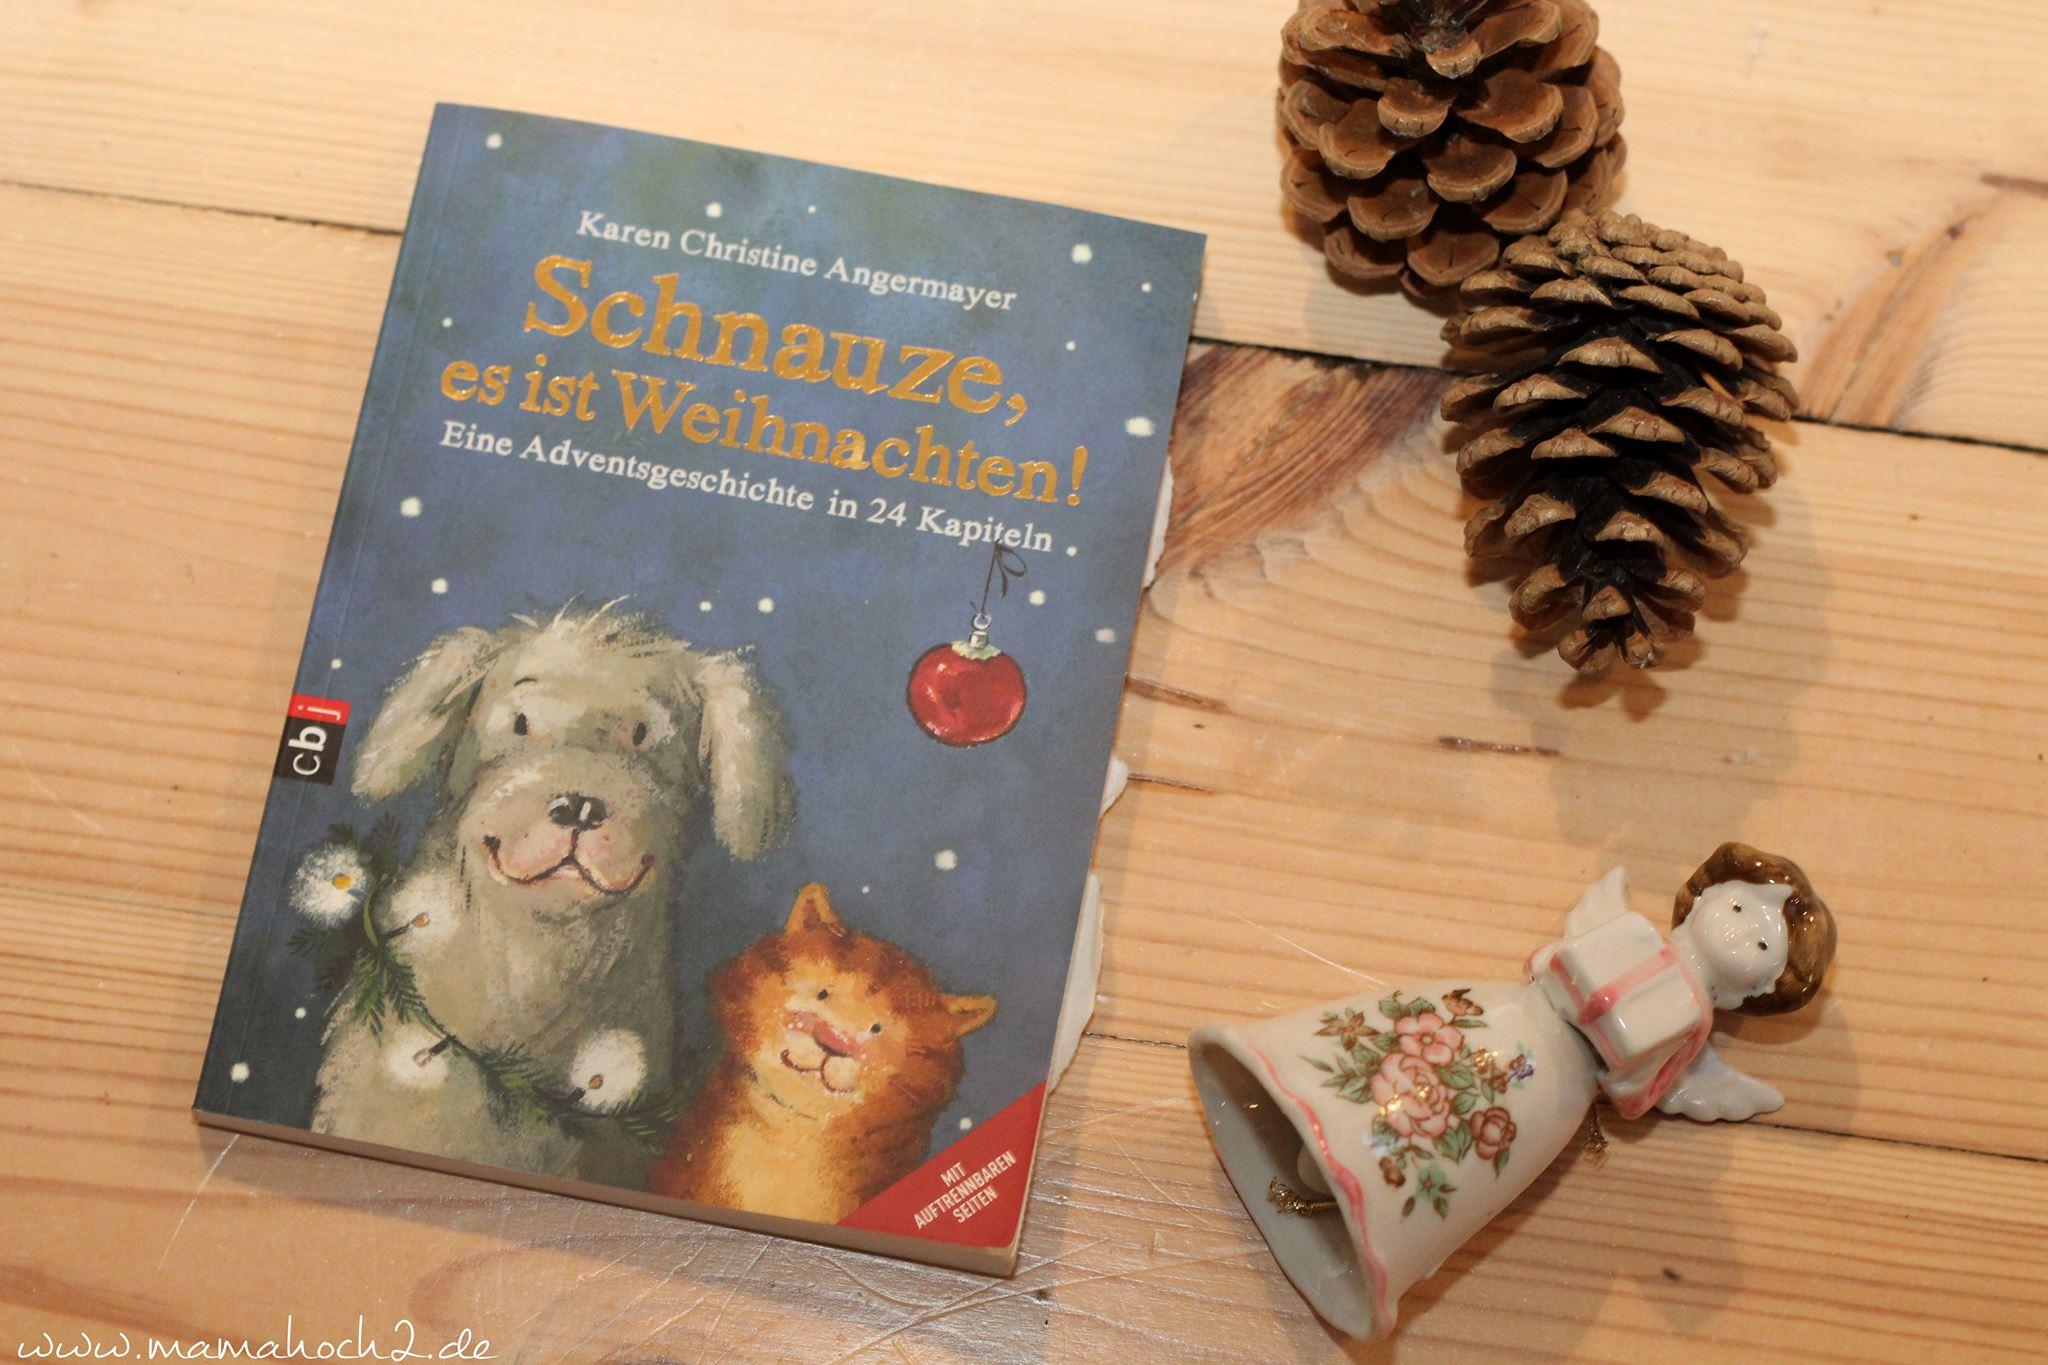 Weihnachtsbücher weihnachten bücher (5) schnauze es ist weihnachten.jpg